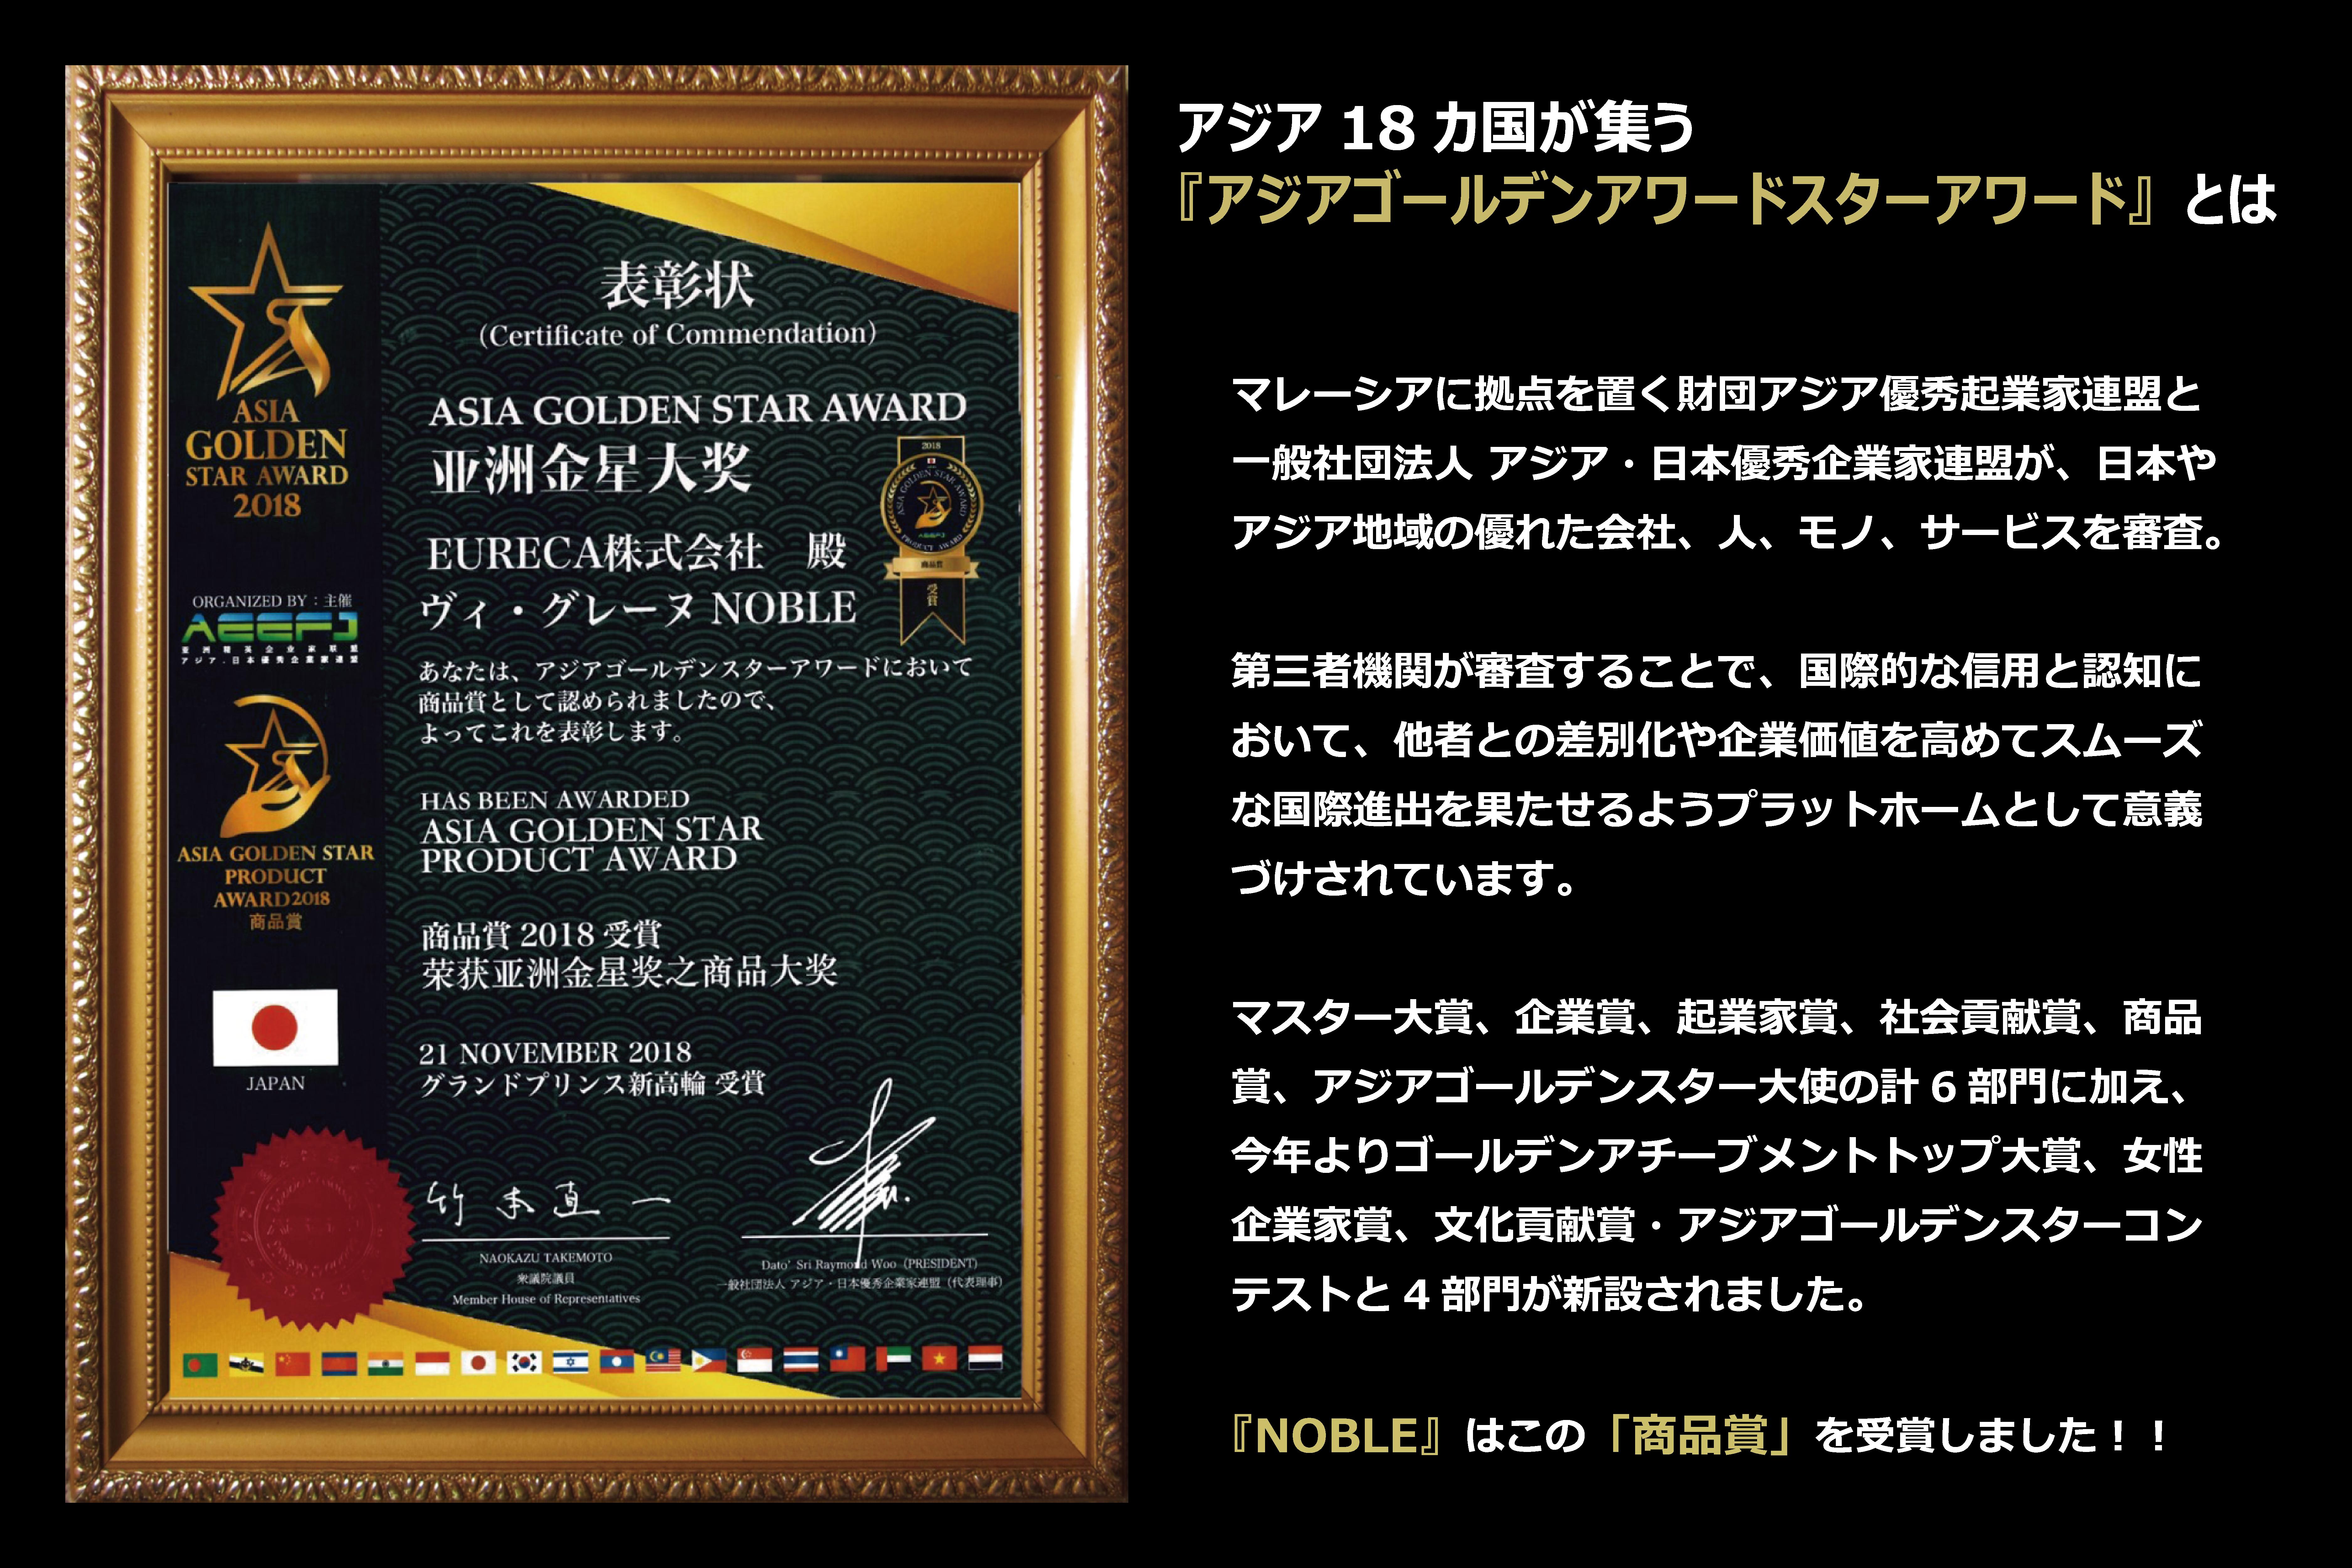 アジアゴールデンアワードスターアワード 商品賞